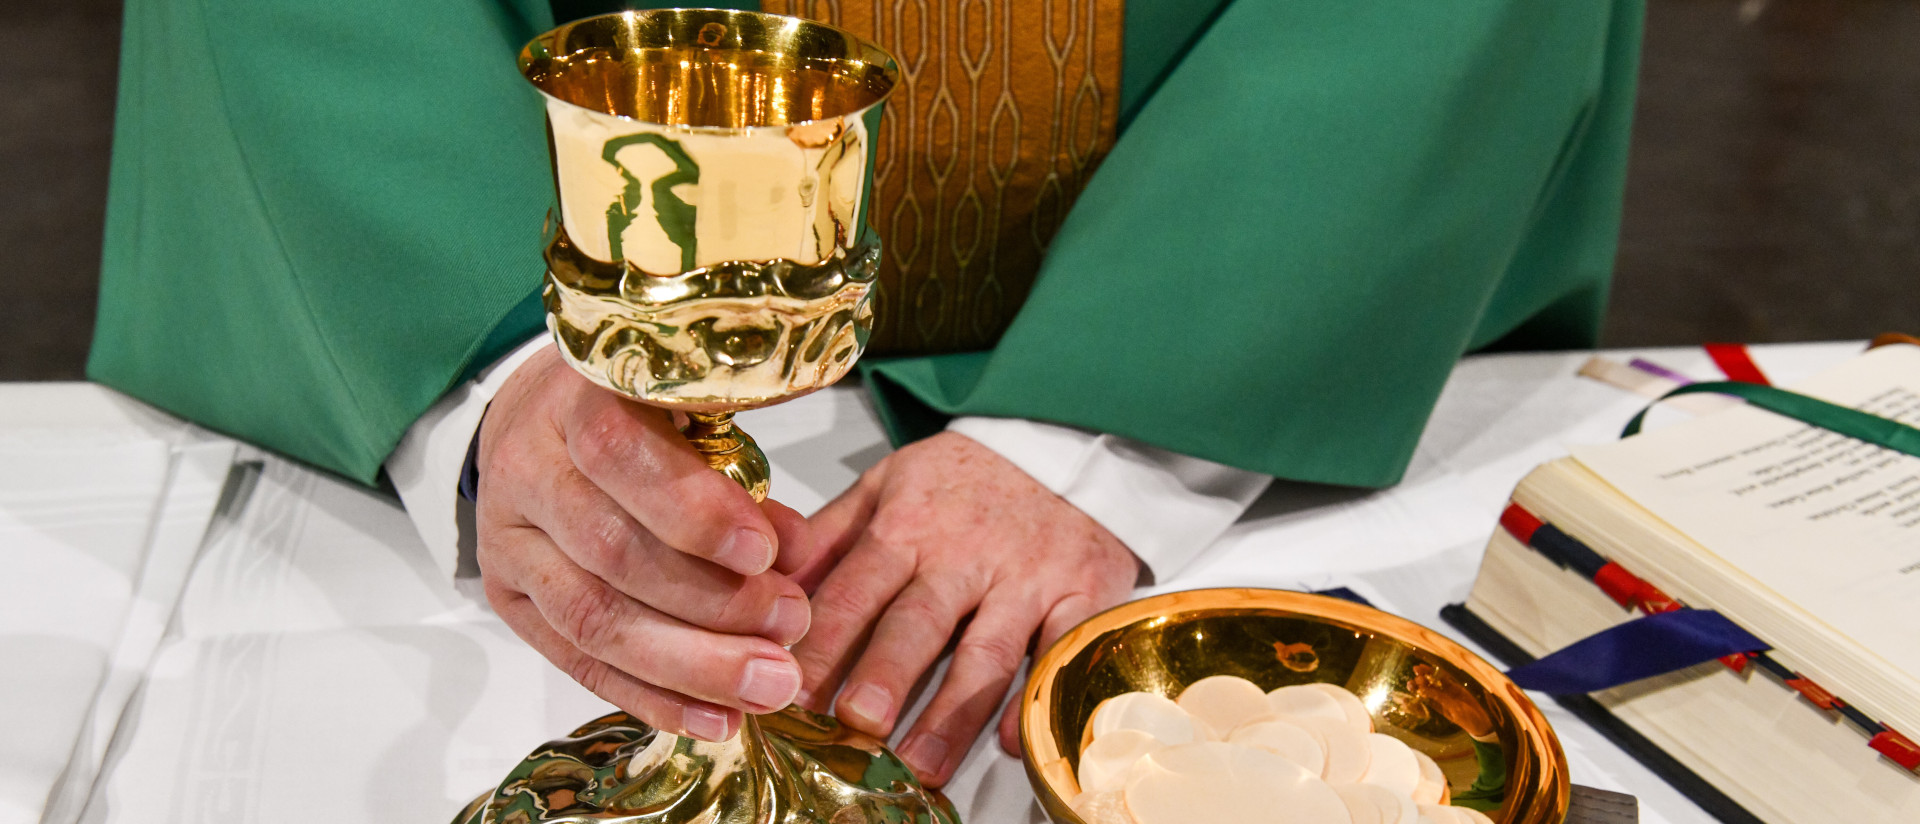 Das Sakrament der Eucharistie.